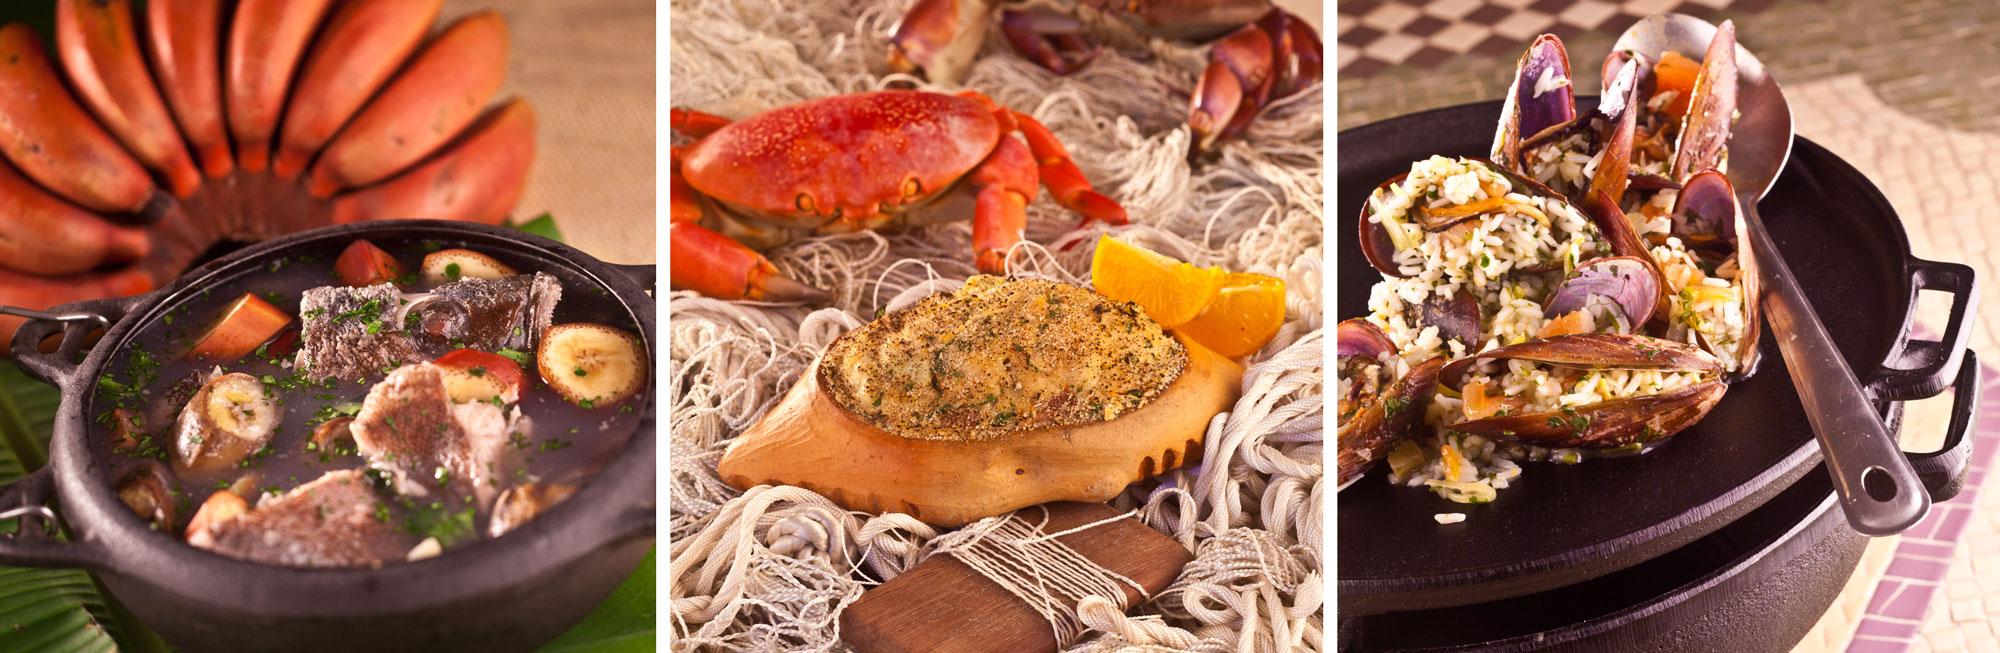 Três pratos do Taioba: garoupa azul marinho, casquinha de caranguejo e arroz lambe lambe de mariscos